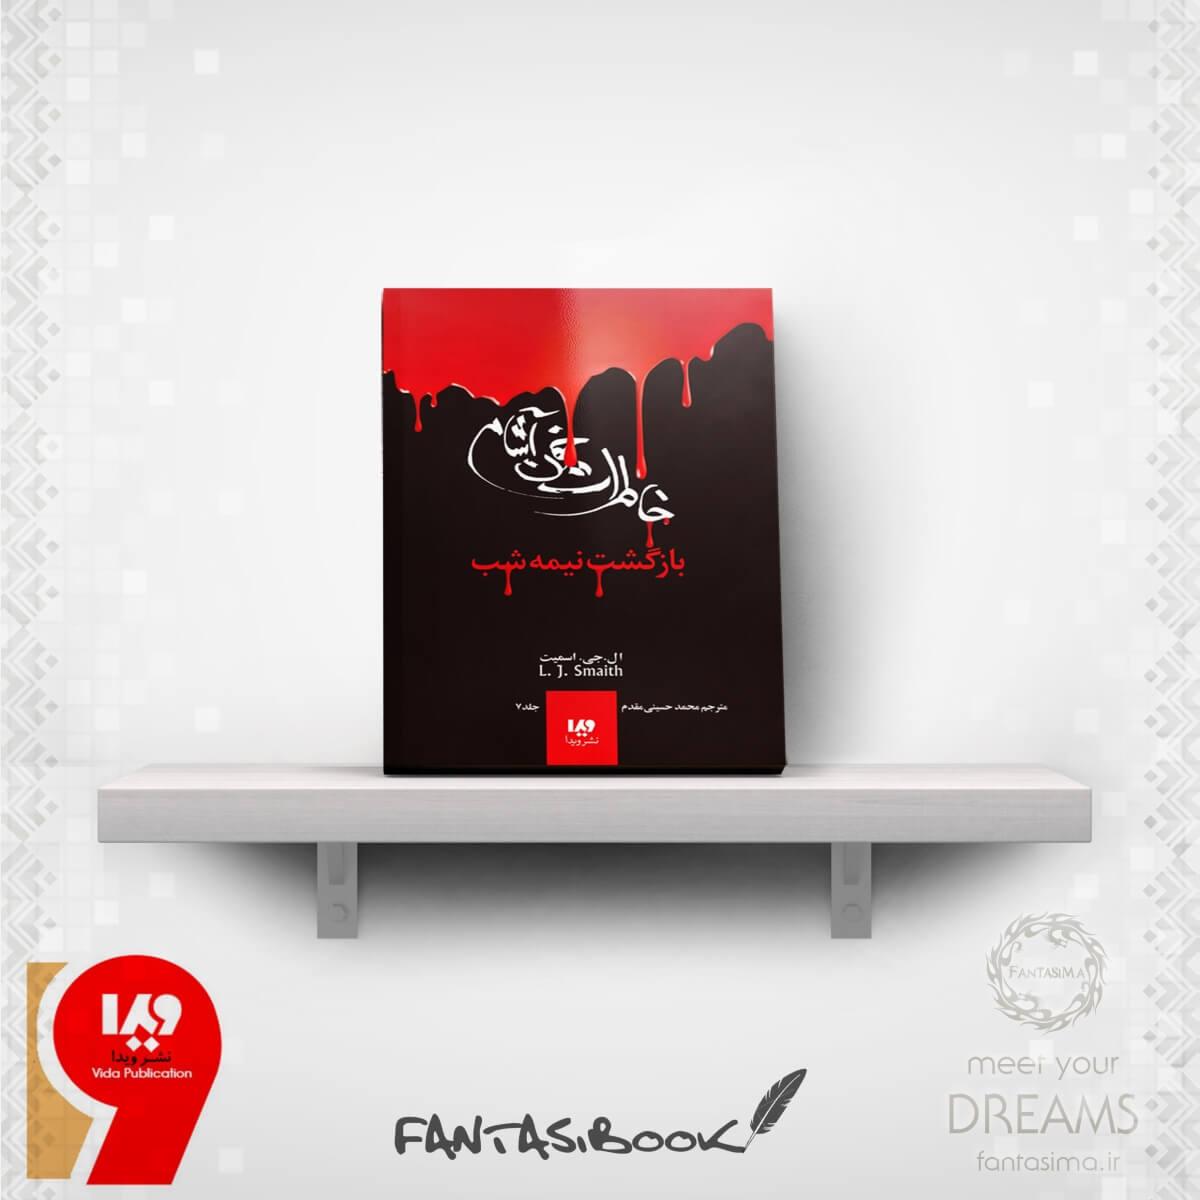 کتاب خاطرات خون آشام - جلد 7 - بازگشت نیمه شب